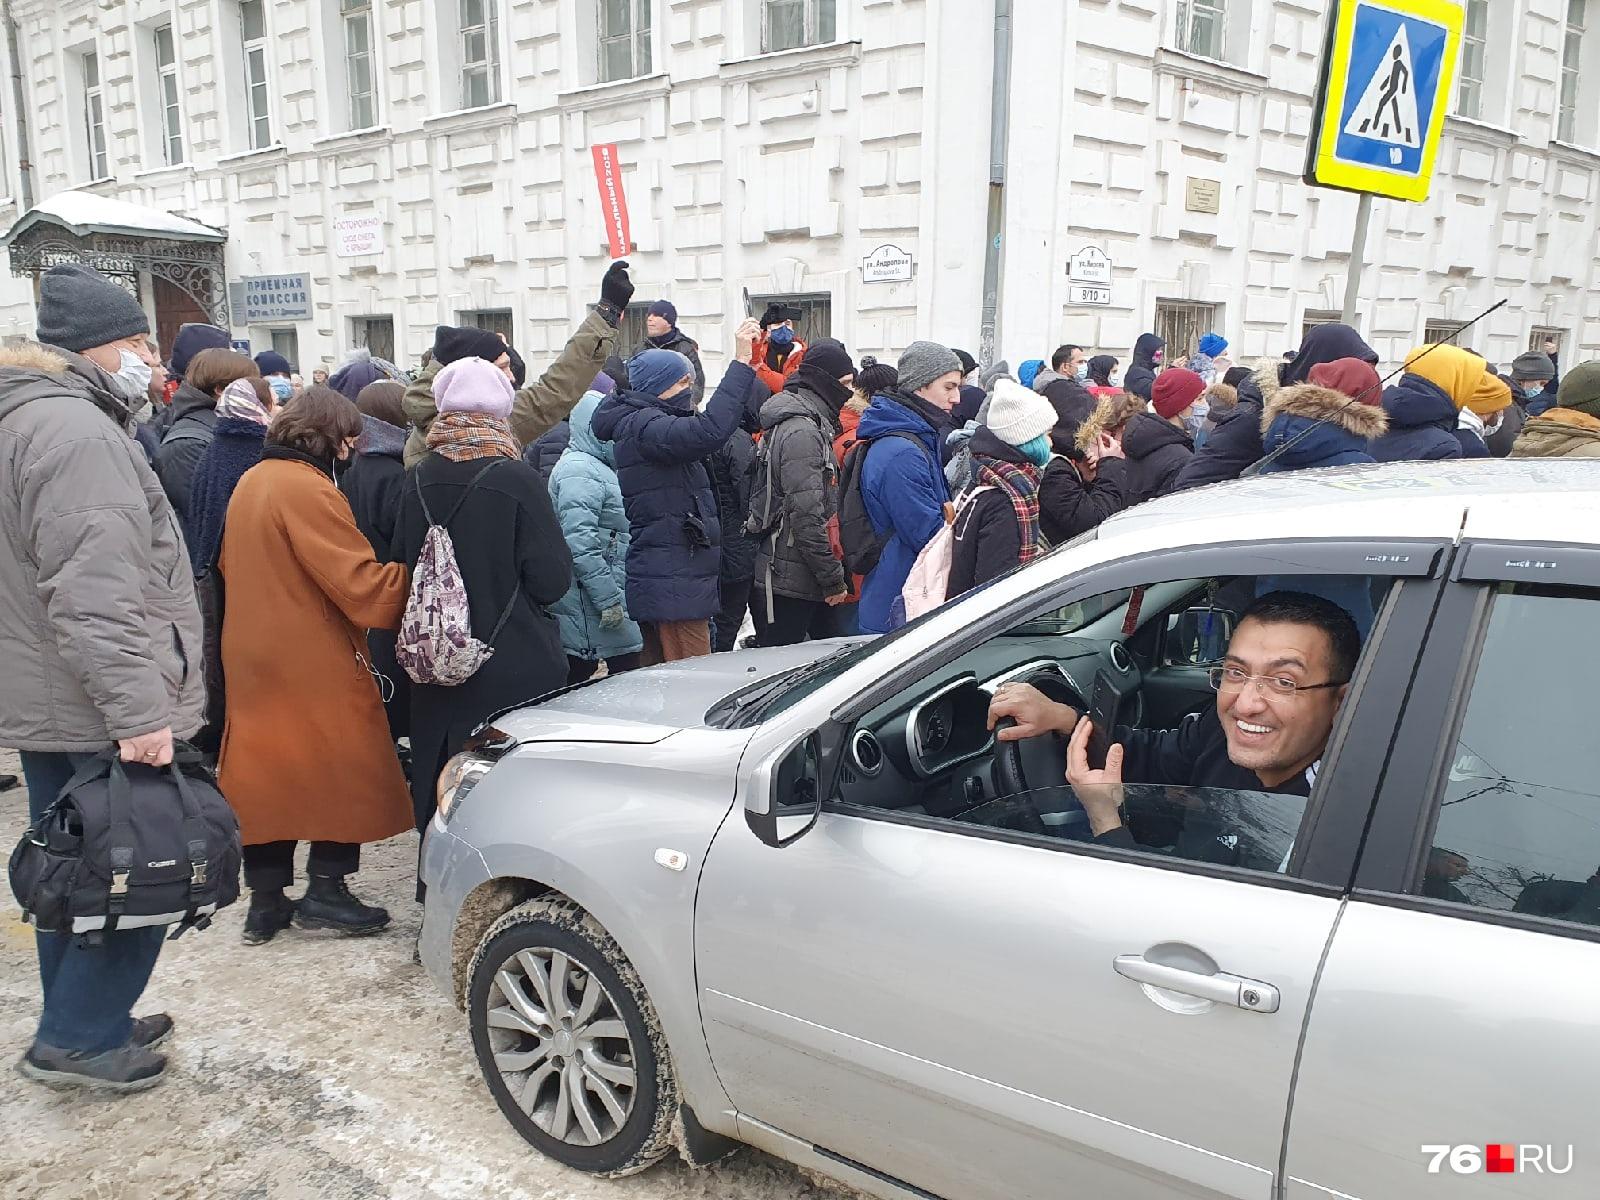 Автомобилисты с пониманием относились к участникам протеста